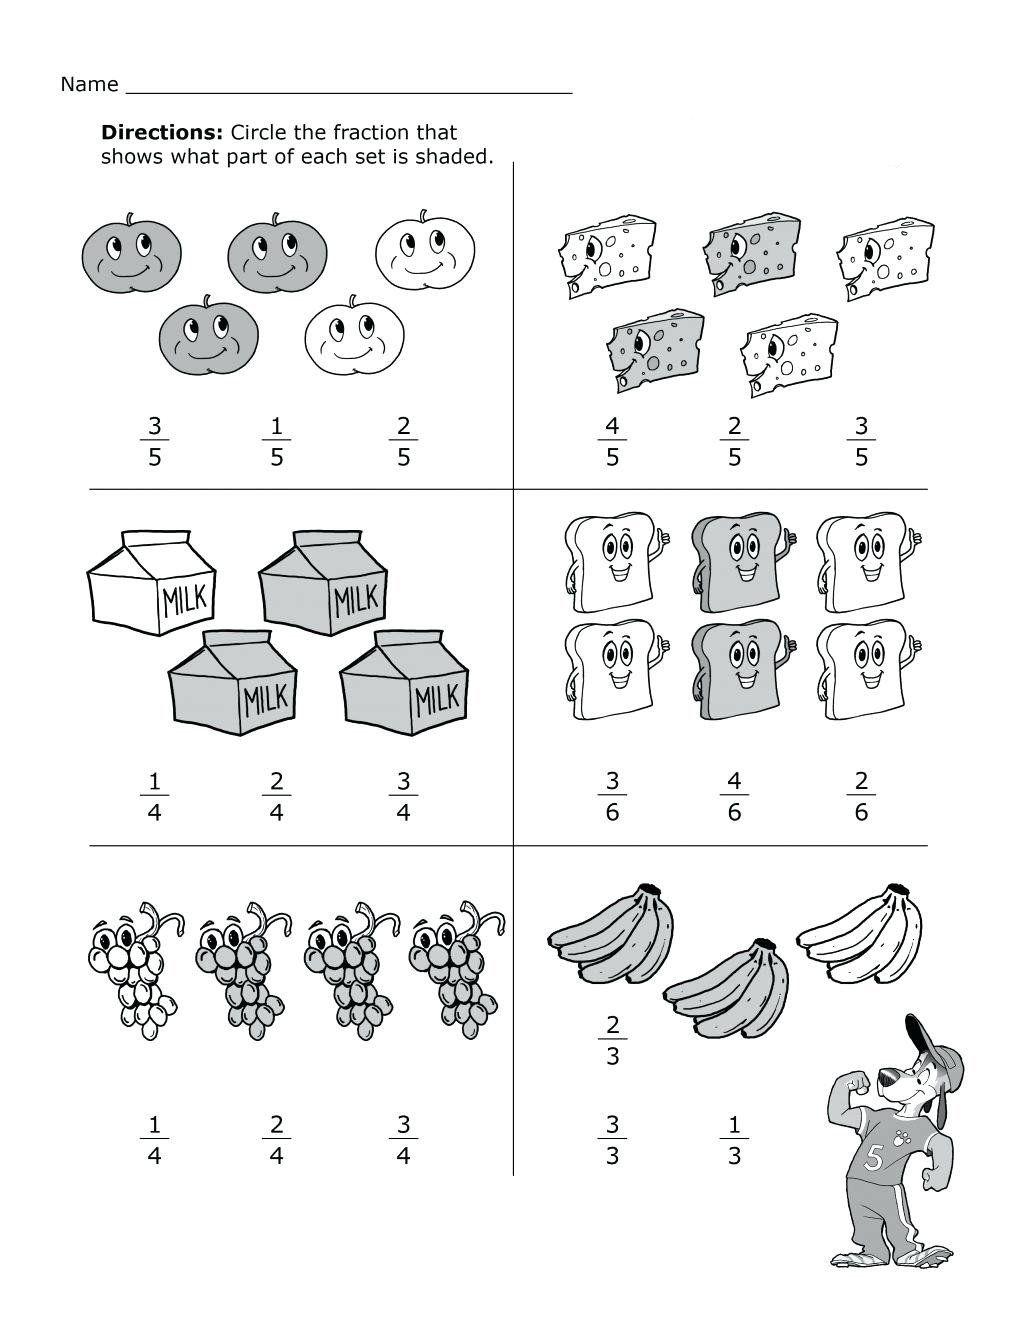 medium resolution of 2nd Grade Fraction Worksheets 2nd Grade Math Worksheets Best Coloring Pages  for Kids   Fractions worksheets